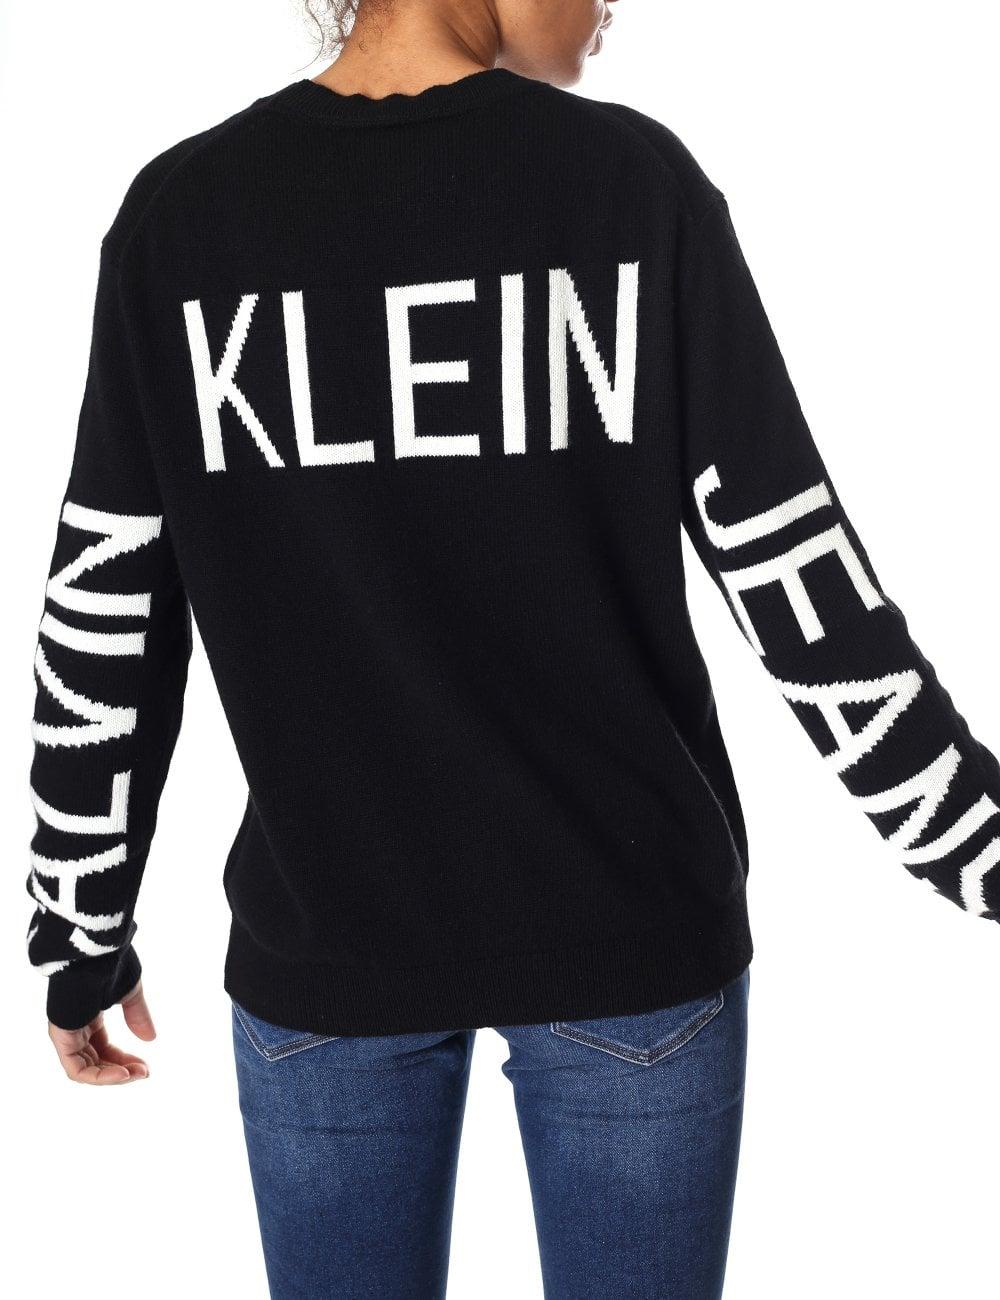 a93af3d0 ... Calvin Klein Institutional Back Logo Jumper. Tap image to zoom. Institutional  Back Logo Jumper